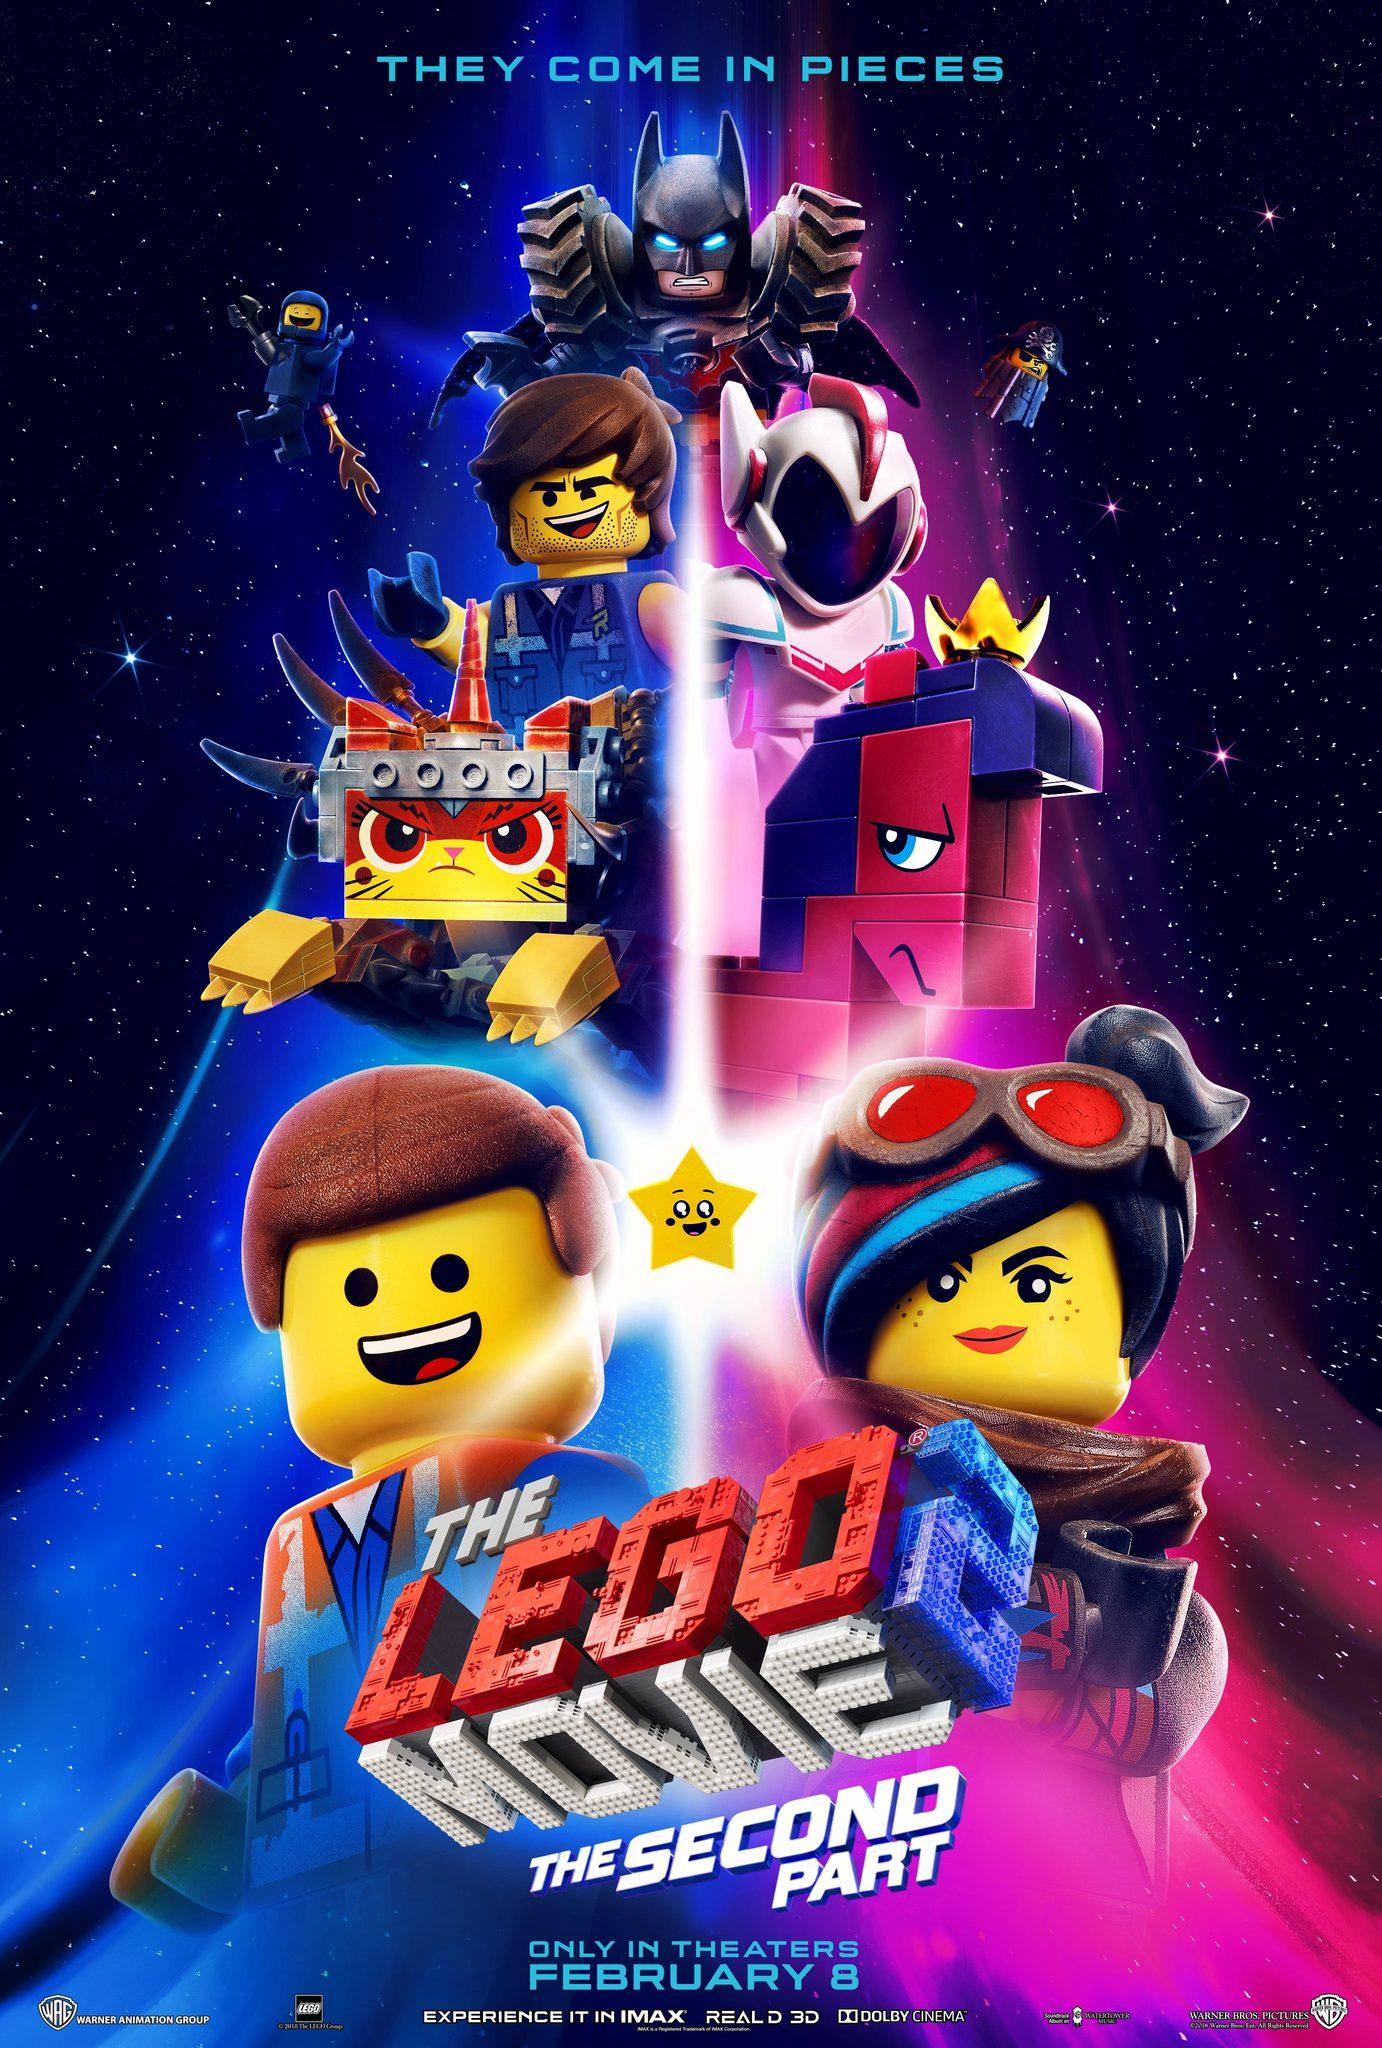 lego-movie-2-second-part-3-d-3d-review.JPG